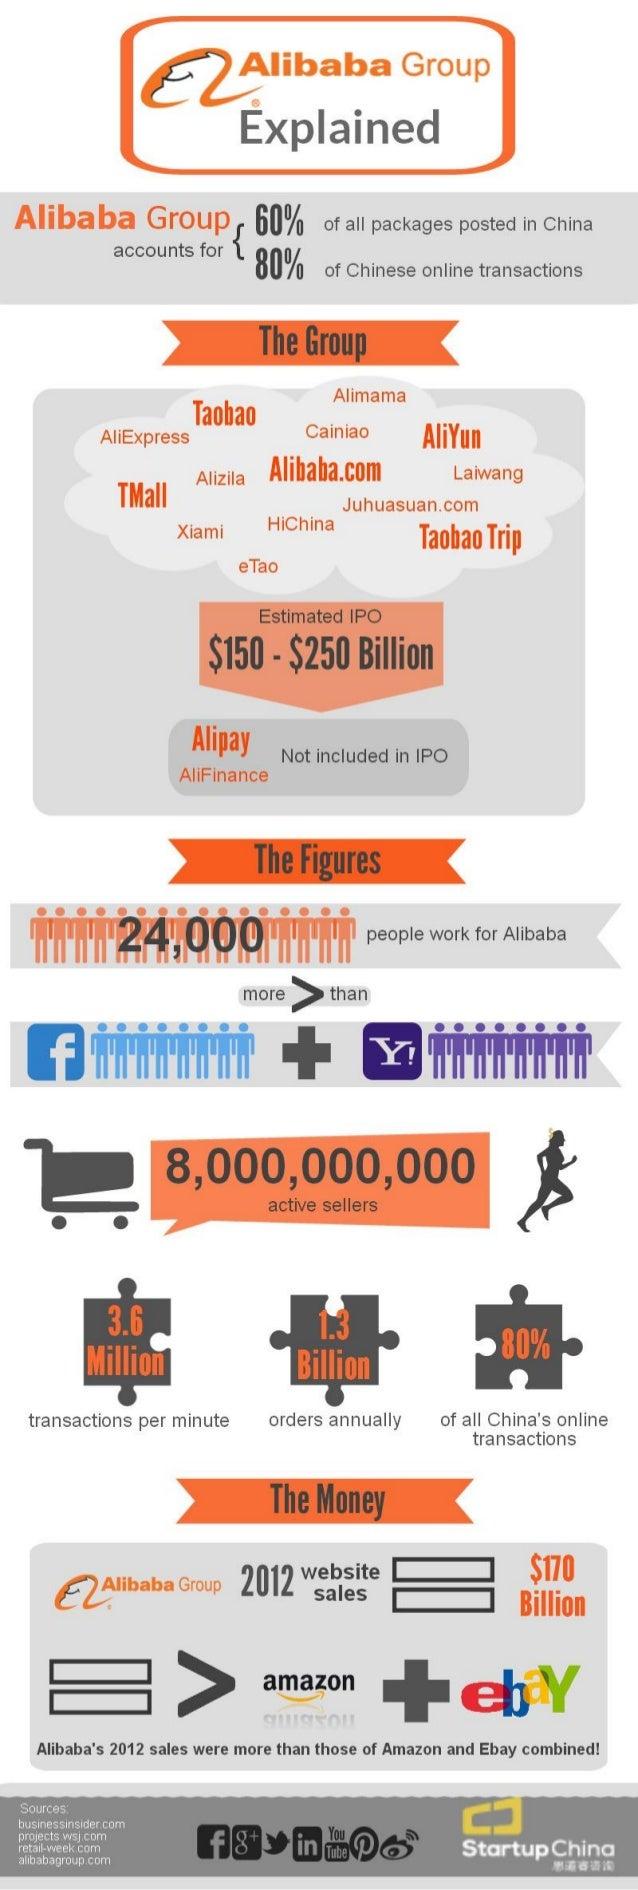 Alibaba: The Figures